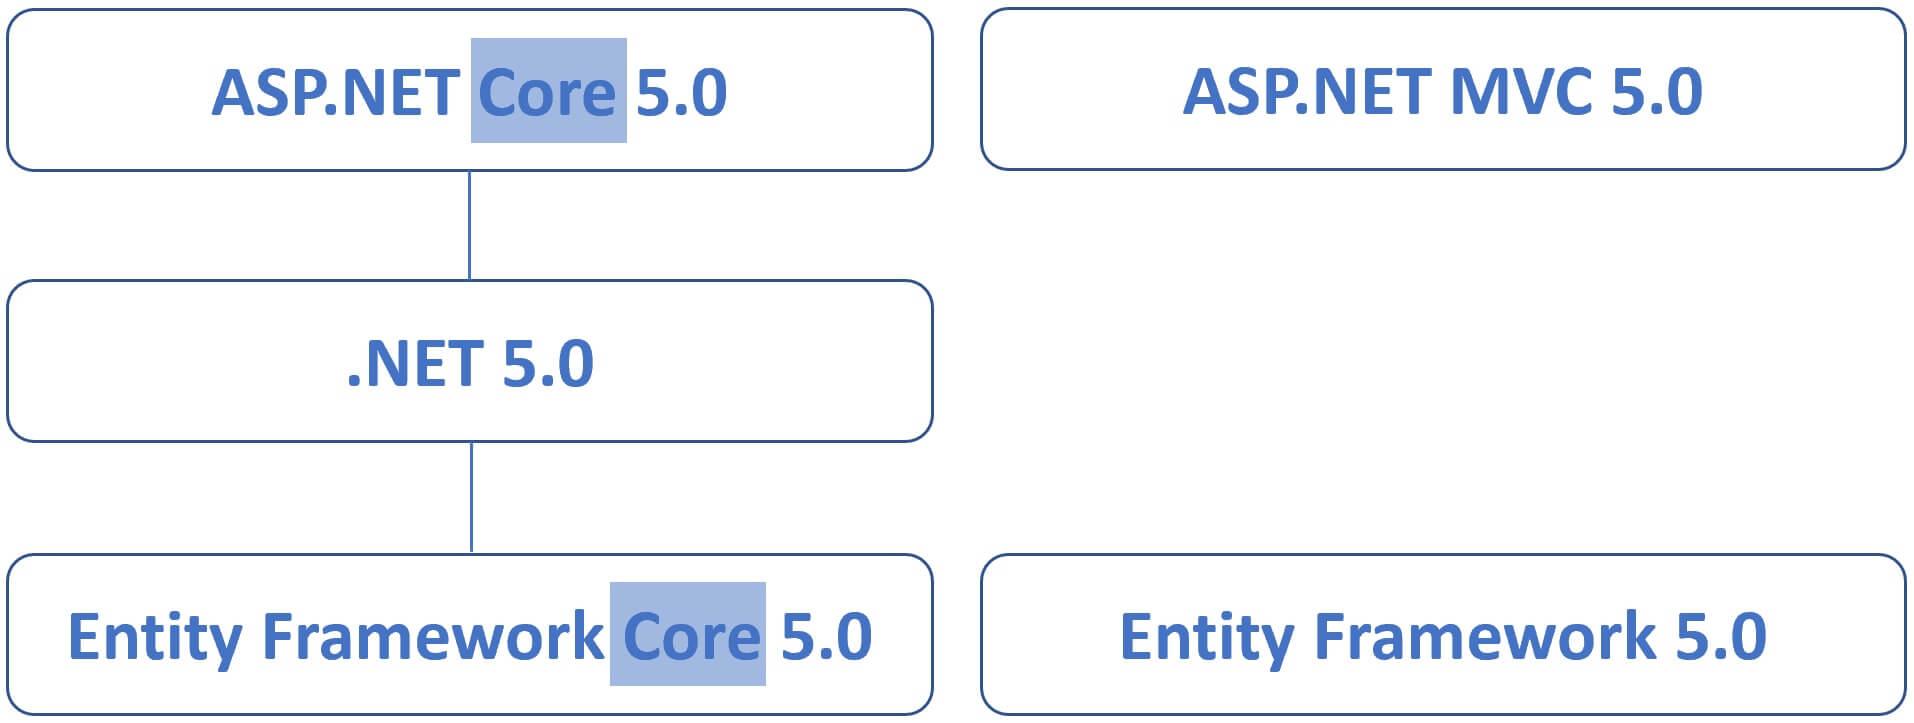 asp.net core 5 vs .net 5